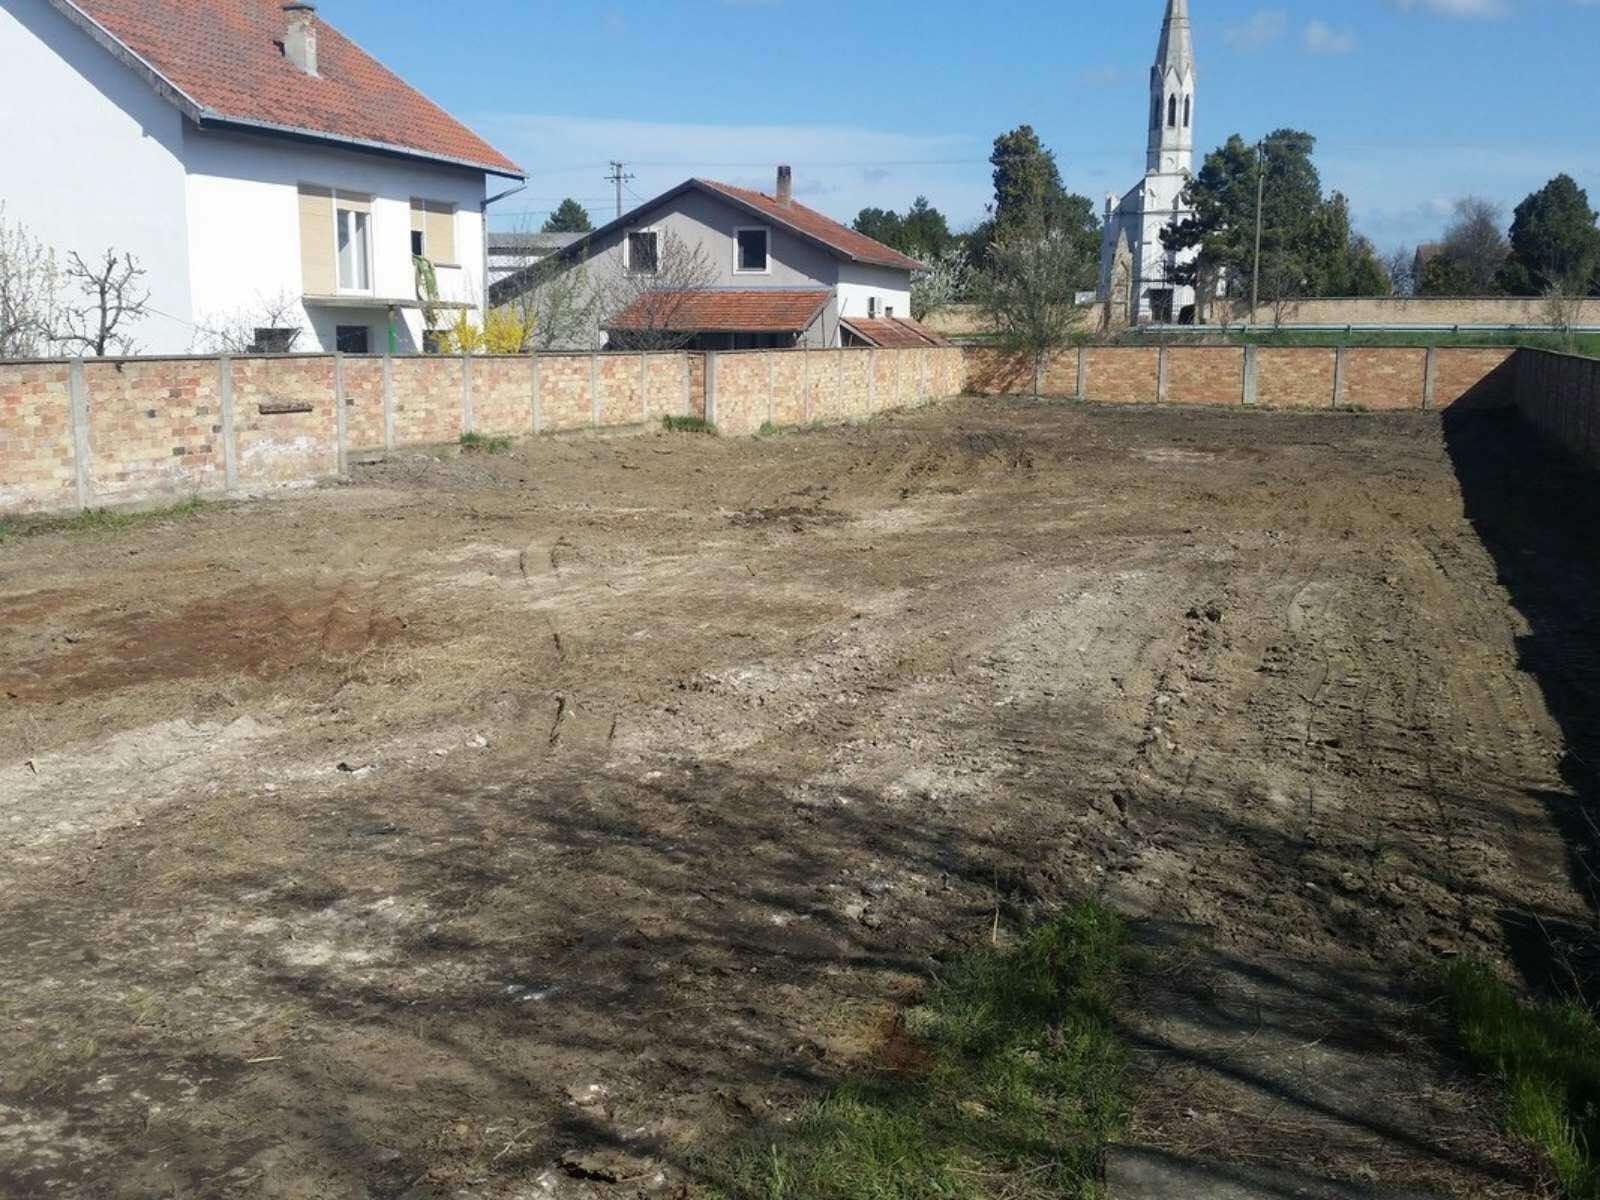 Građevinsko zemljište sa plaćenim komunalijama i projektom Gradnulica